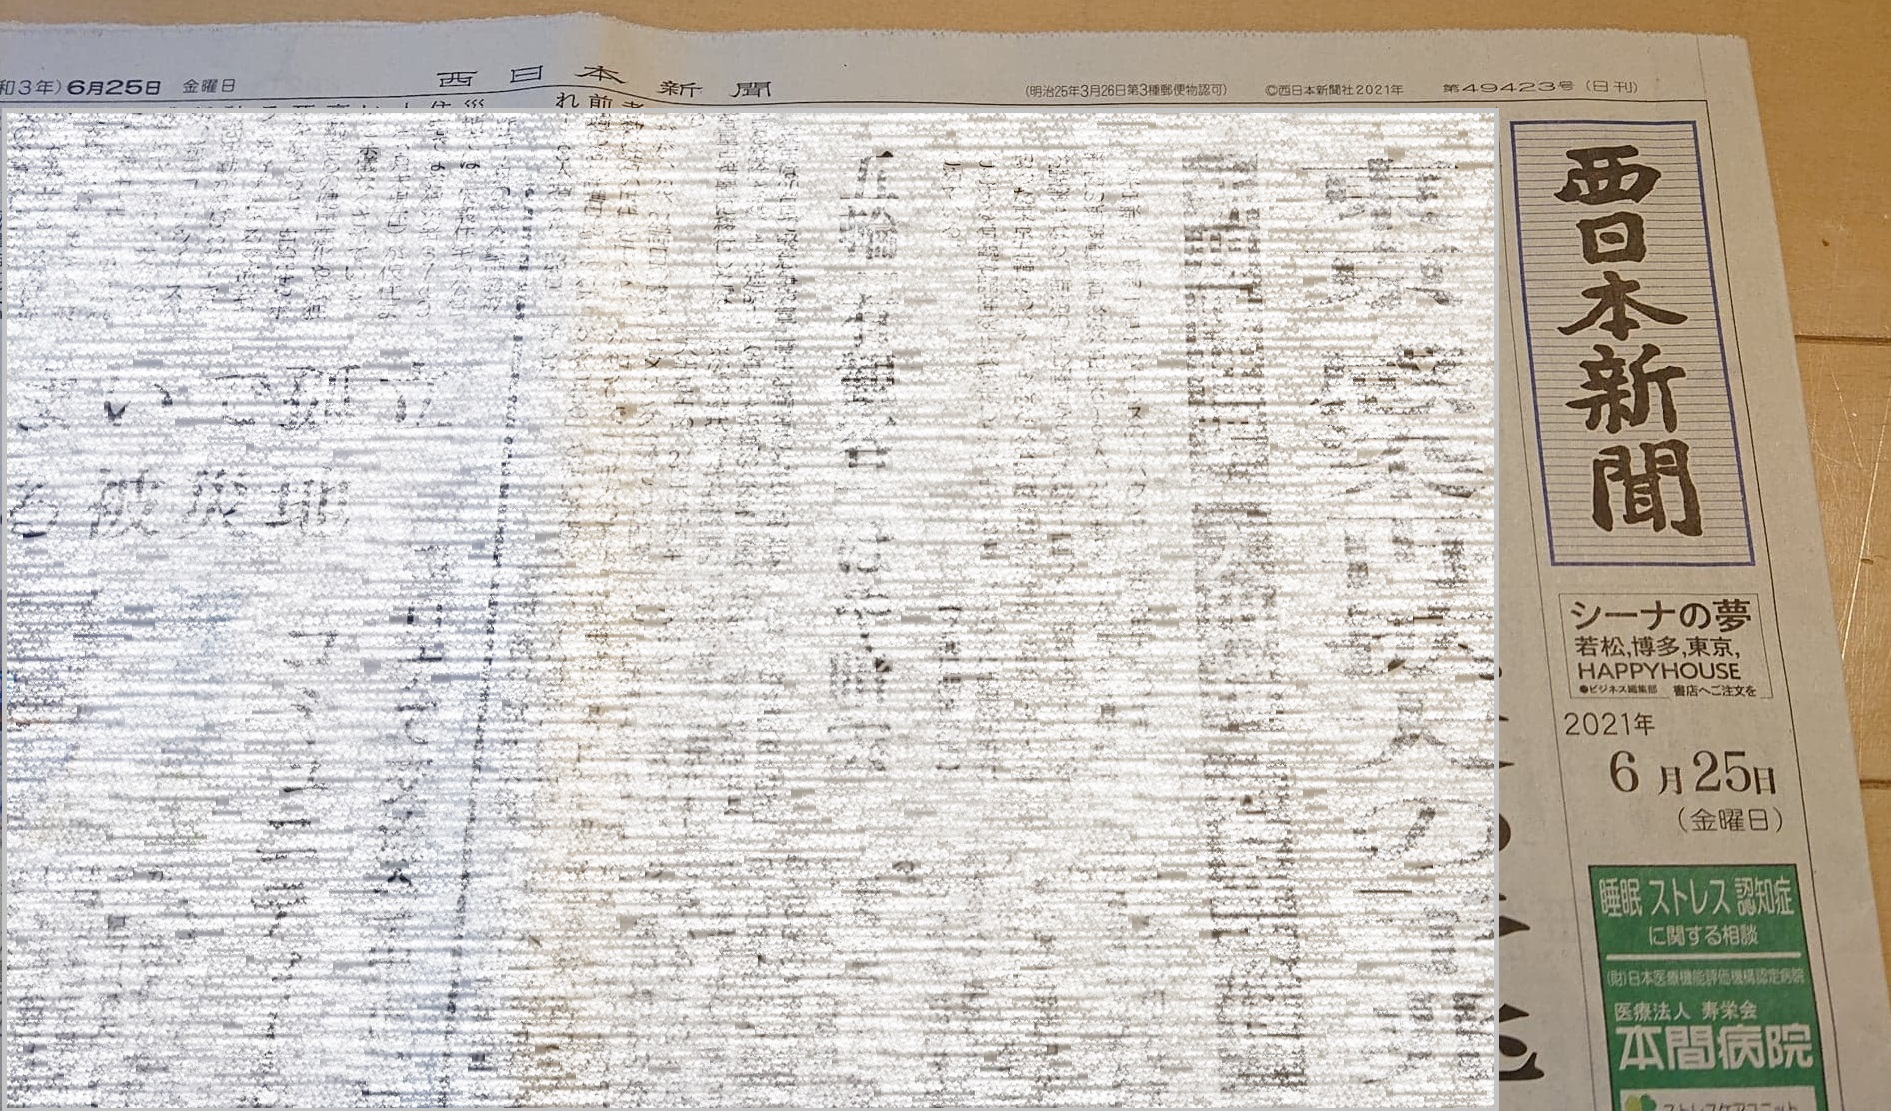 PTAをたすけるPTA'S(ピータス)西日本新聞